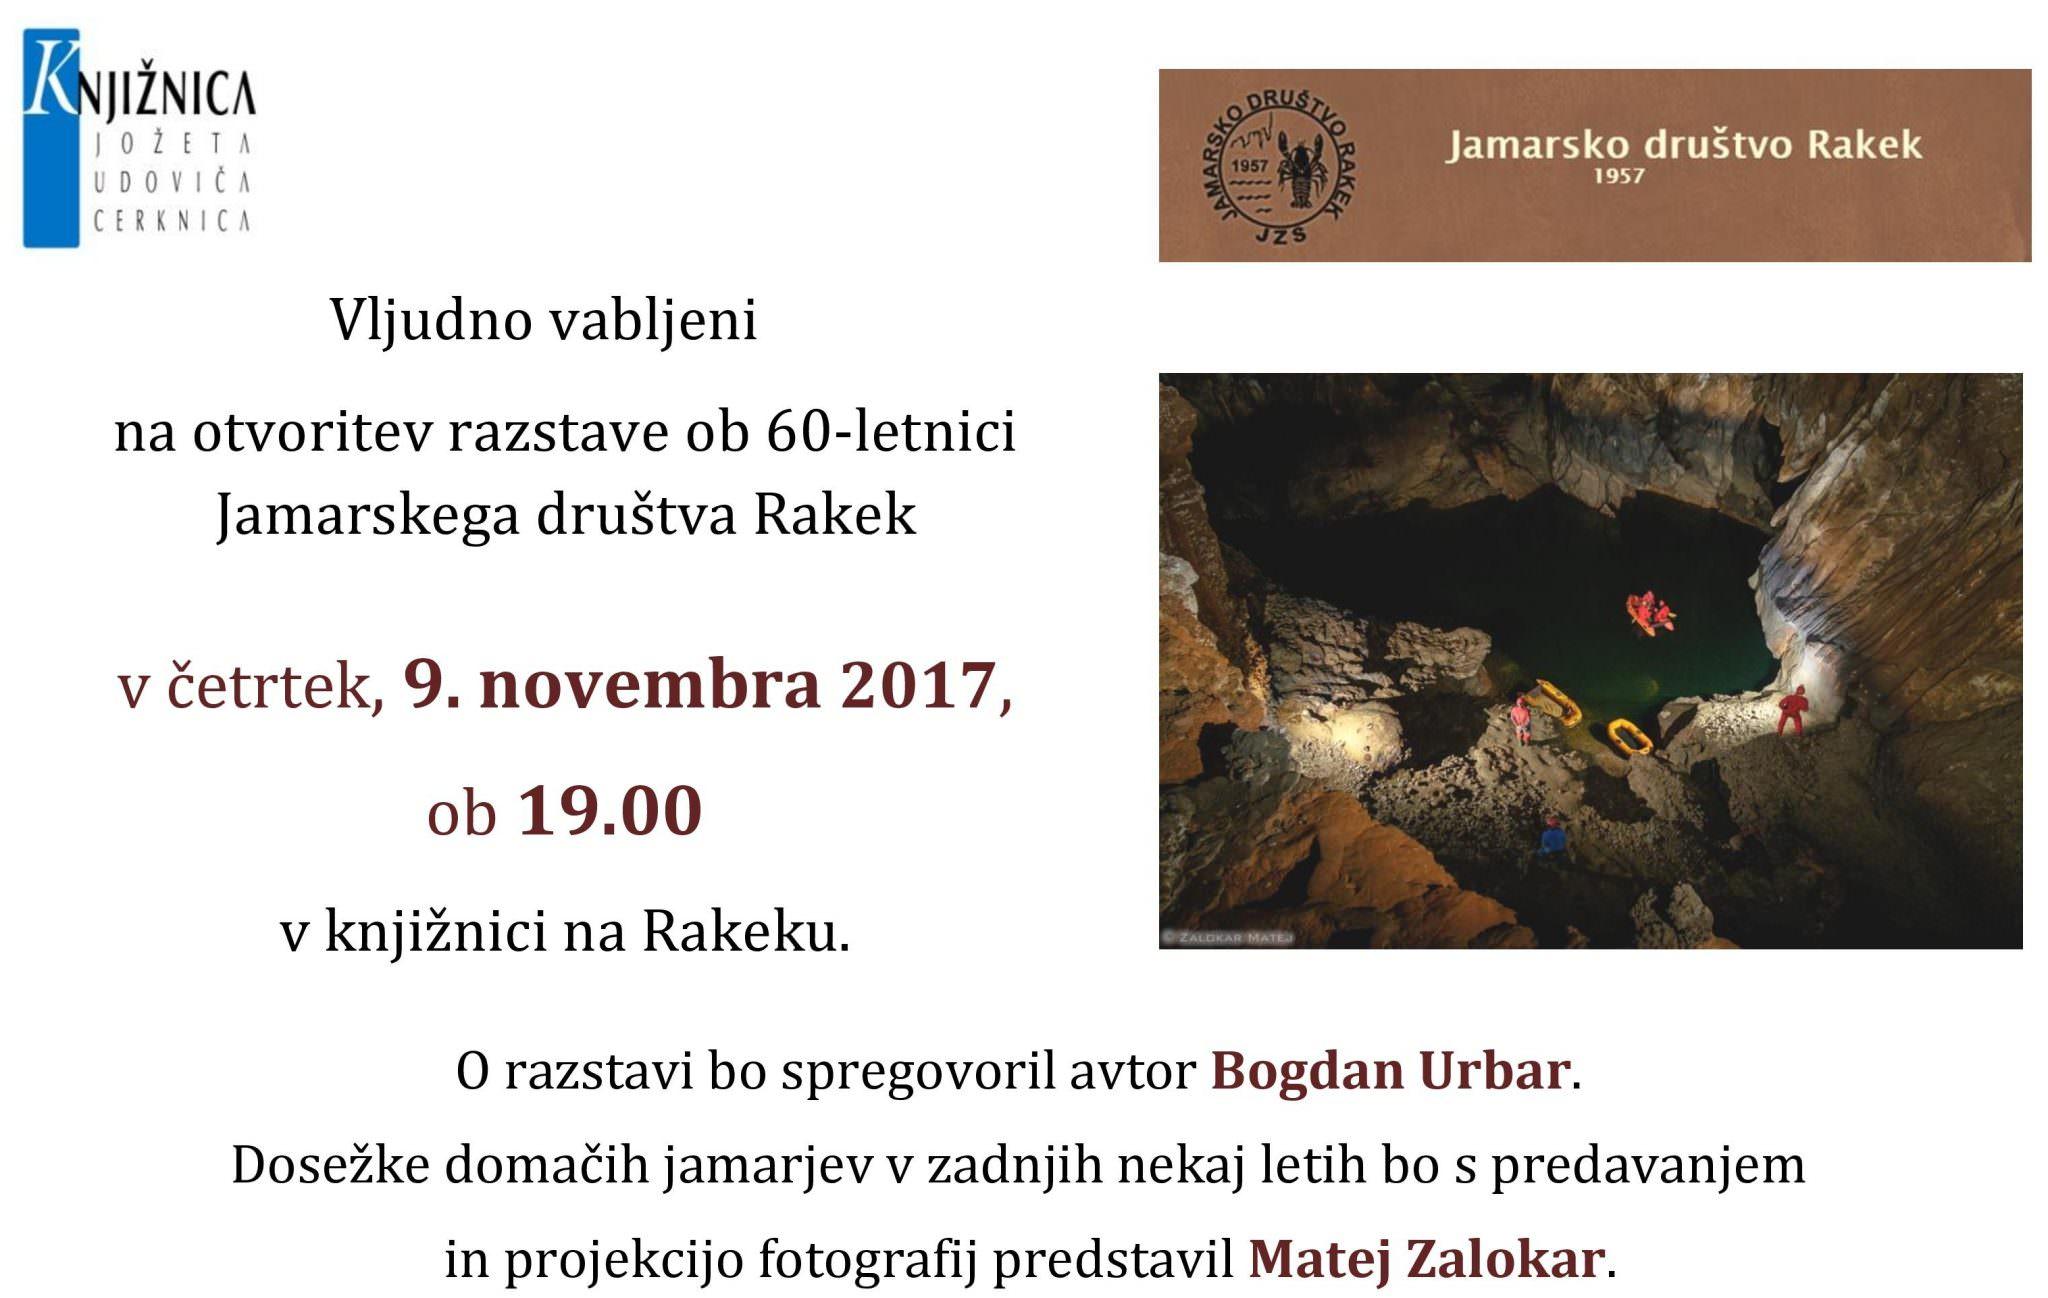 cover 10 - Otvoritev razstave ob 60-letnici Jamarskega društva Rakek